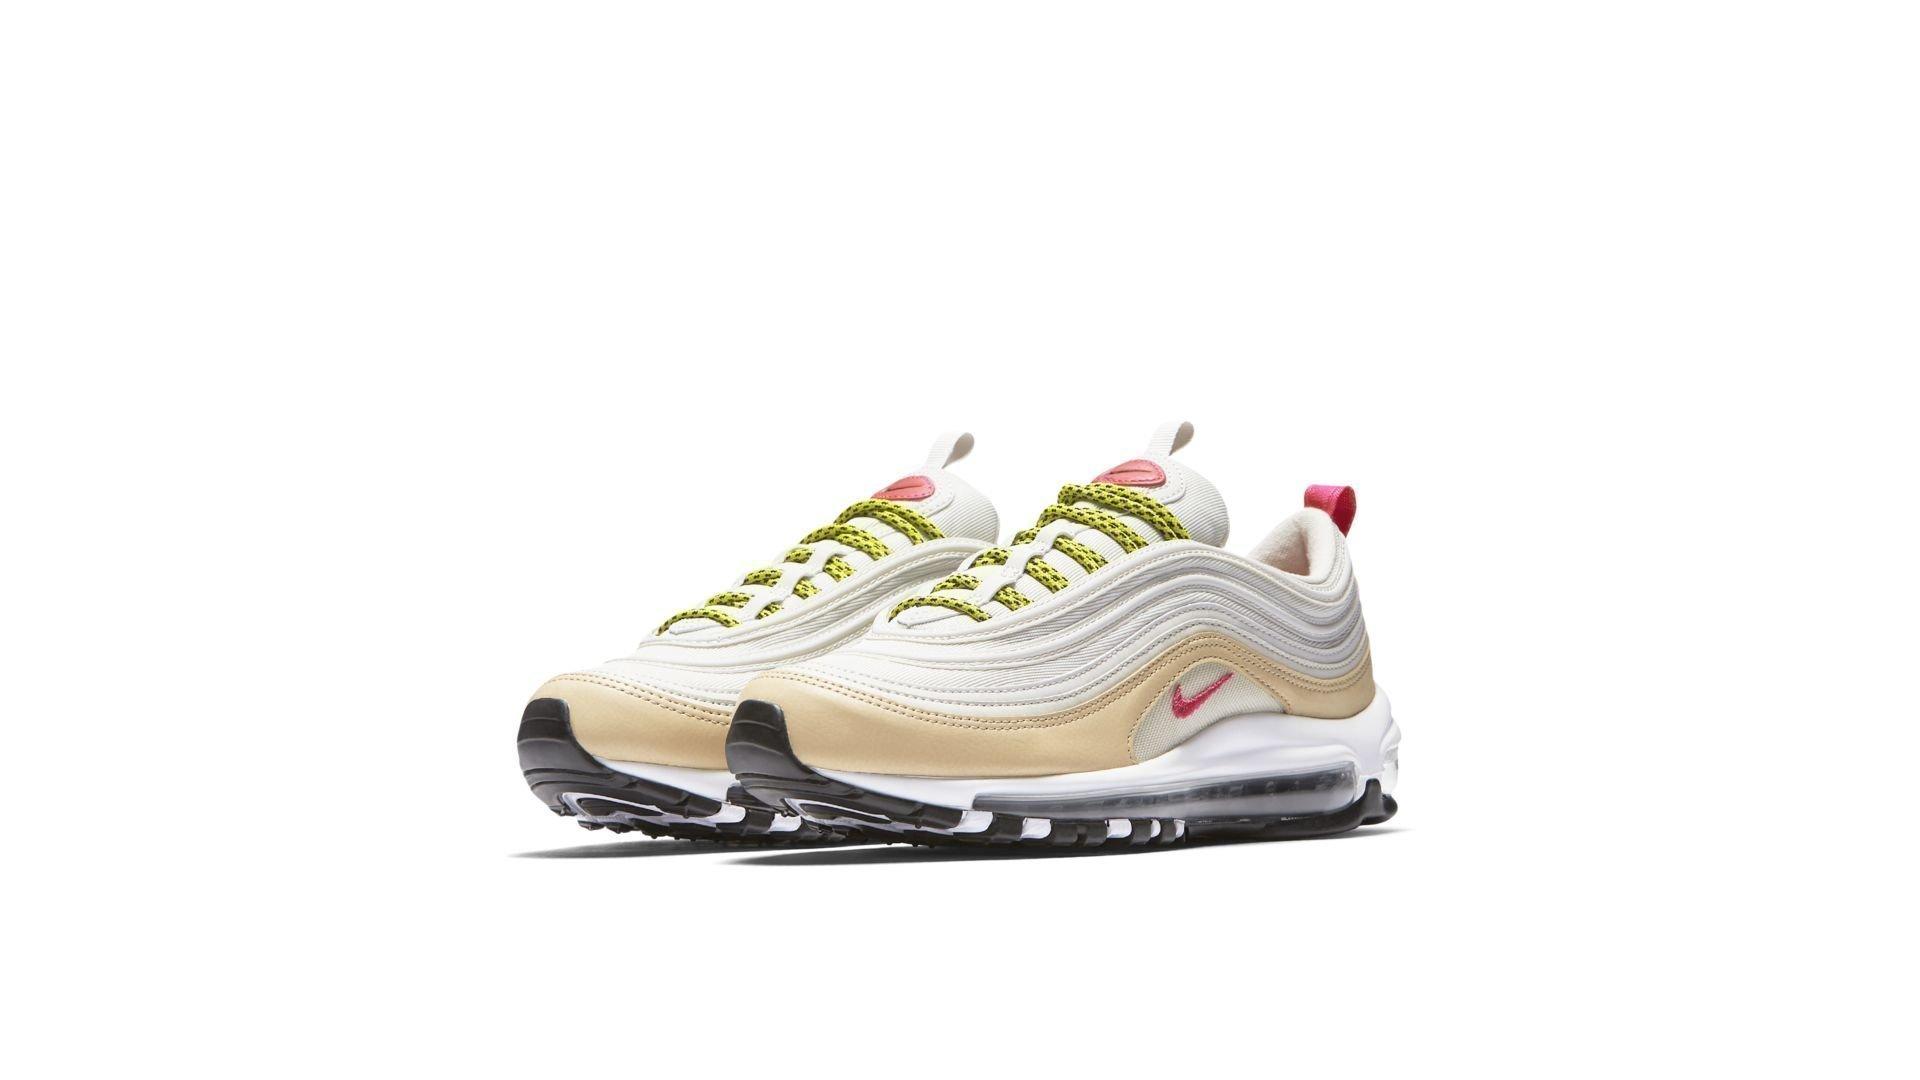 Nike Air Max 97 921733-004